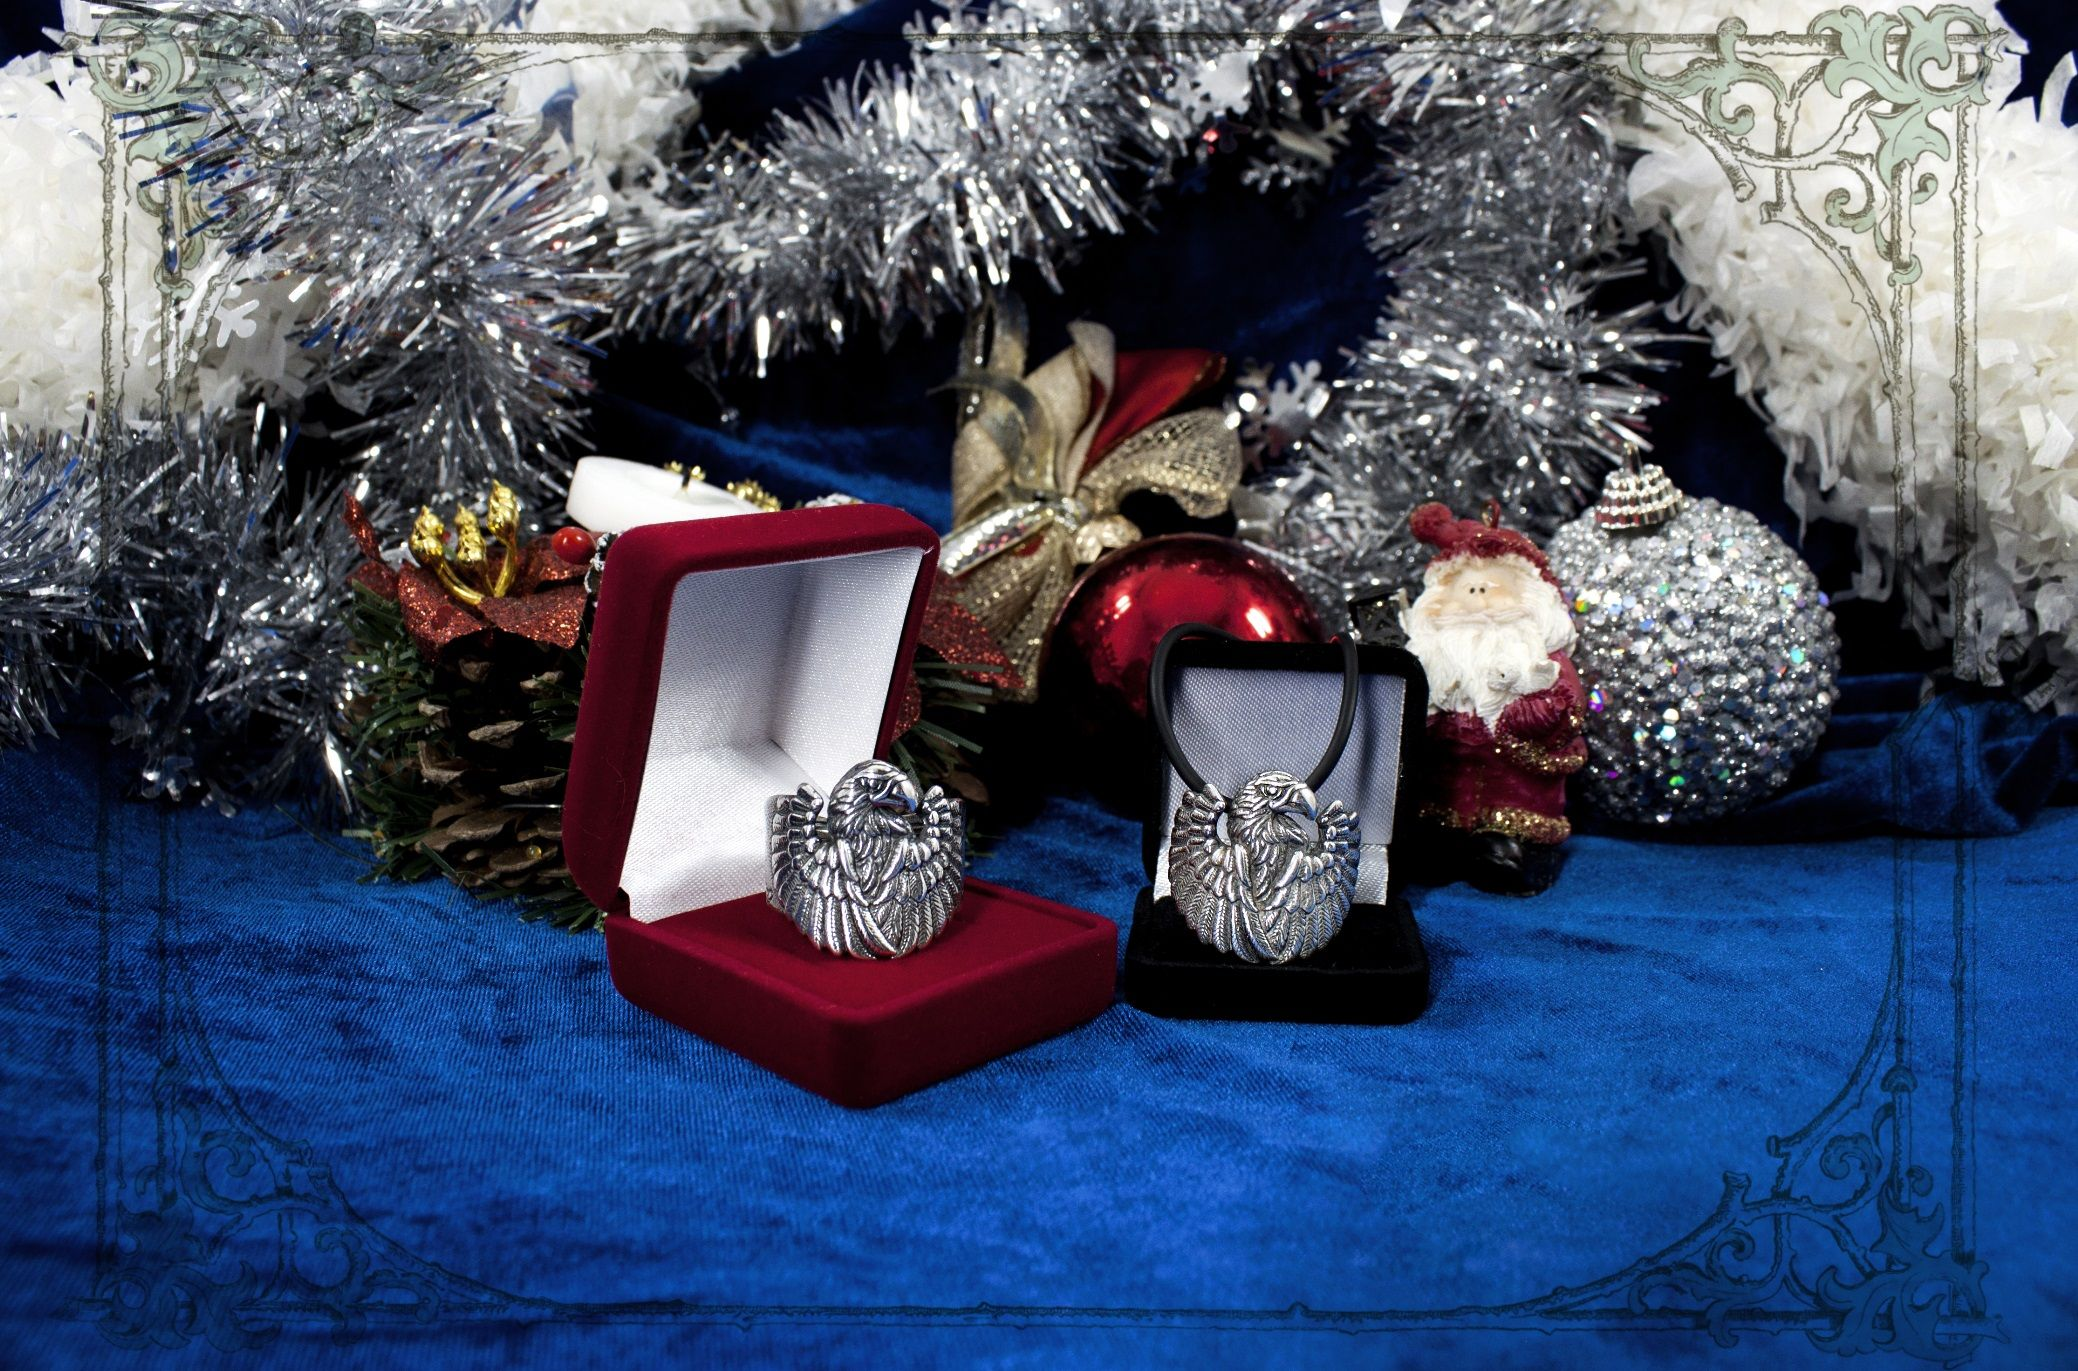 Оригинальный Новогодний мужской подарок Красивые и ярки Новогодние подарки от бренда Джокер, красивая женская бижутерия и оригинальные мужские украшения. Праздничная новогодняя женская и мужская одежда. Большой выбор стильных Новогодних подарков в интернет-магазине Джокер http://joker-studio.ru и http://joker-studio.сом  #новый год #год петуха #новогодние_подарки #женские_подарки #мужские_подарки #оригинальные_подарки #рождественские_подарки #новогодняя_бижутерия #новогодние_украшения…